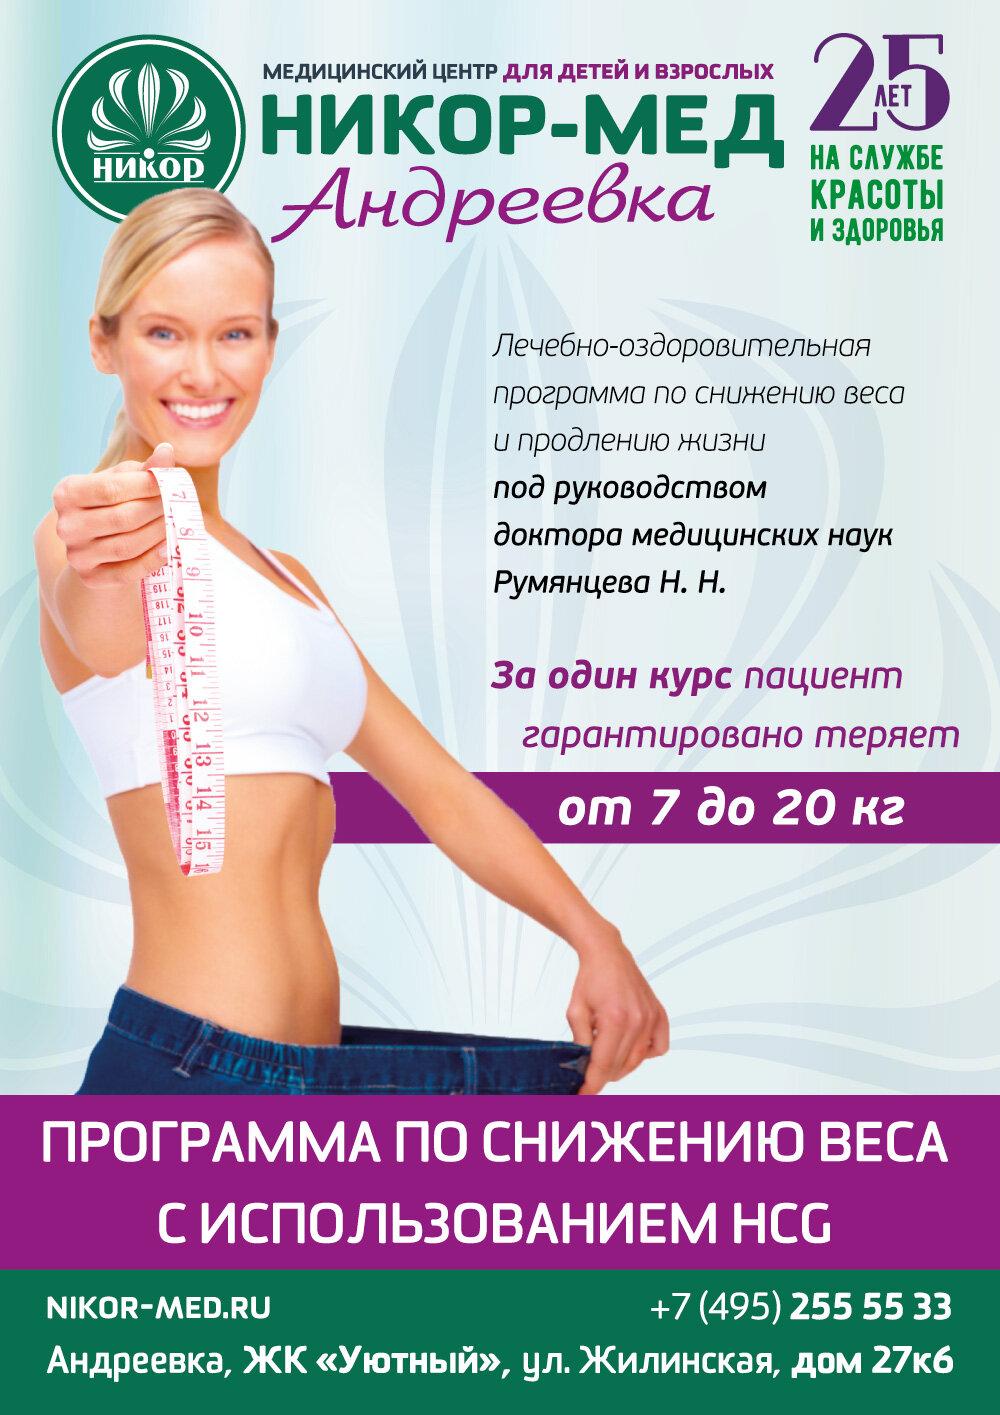 Лечебная Программа Для Похудения. 12 лучших санаториев, где вам помогут похудеть